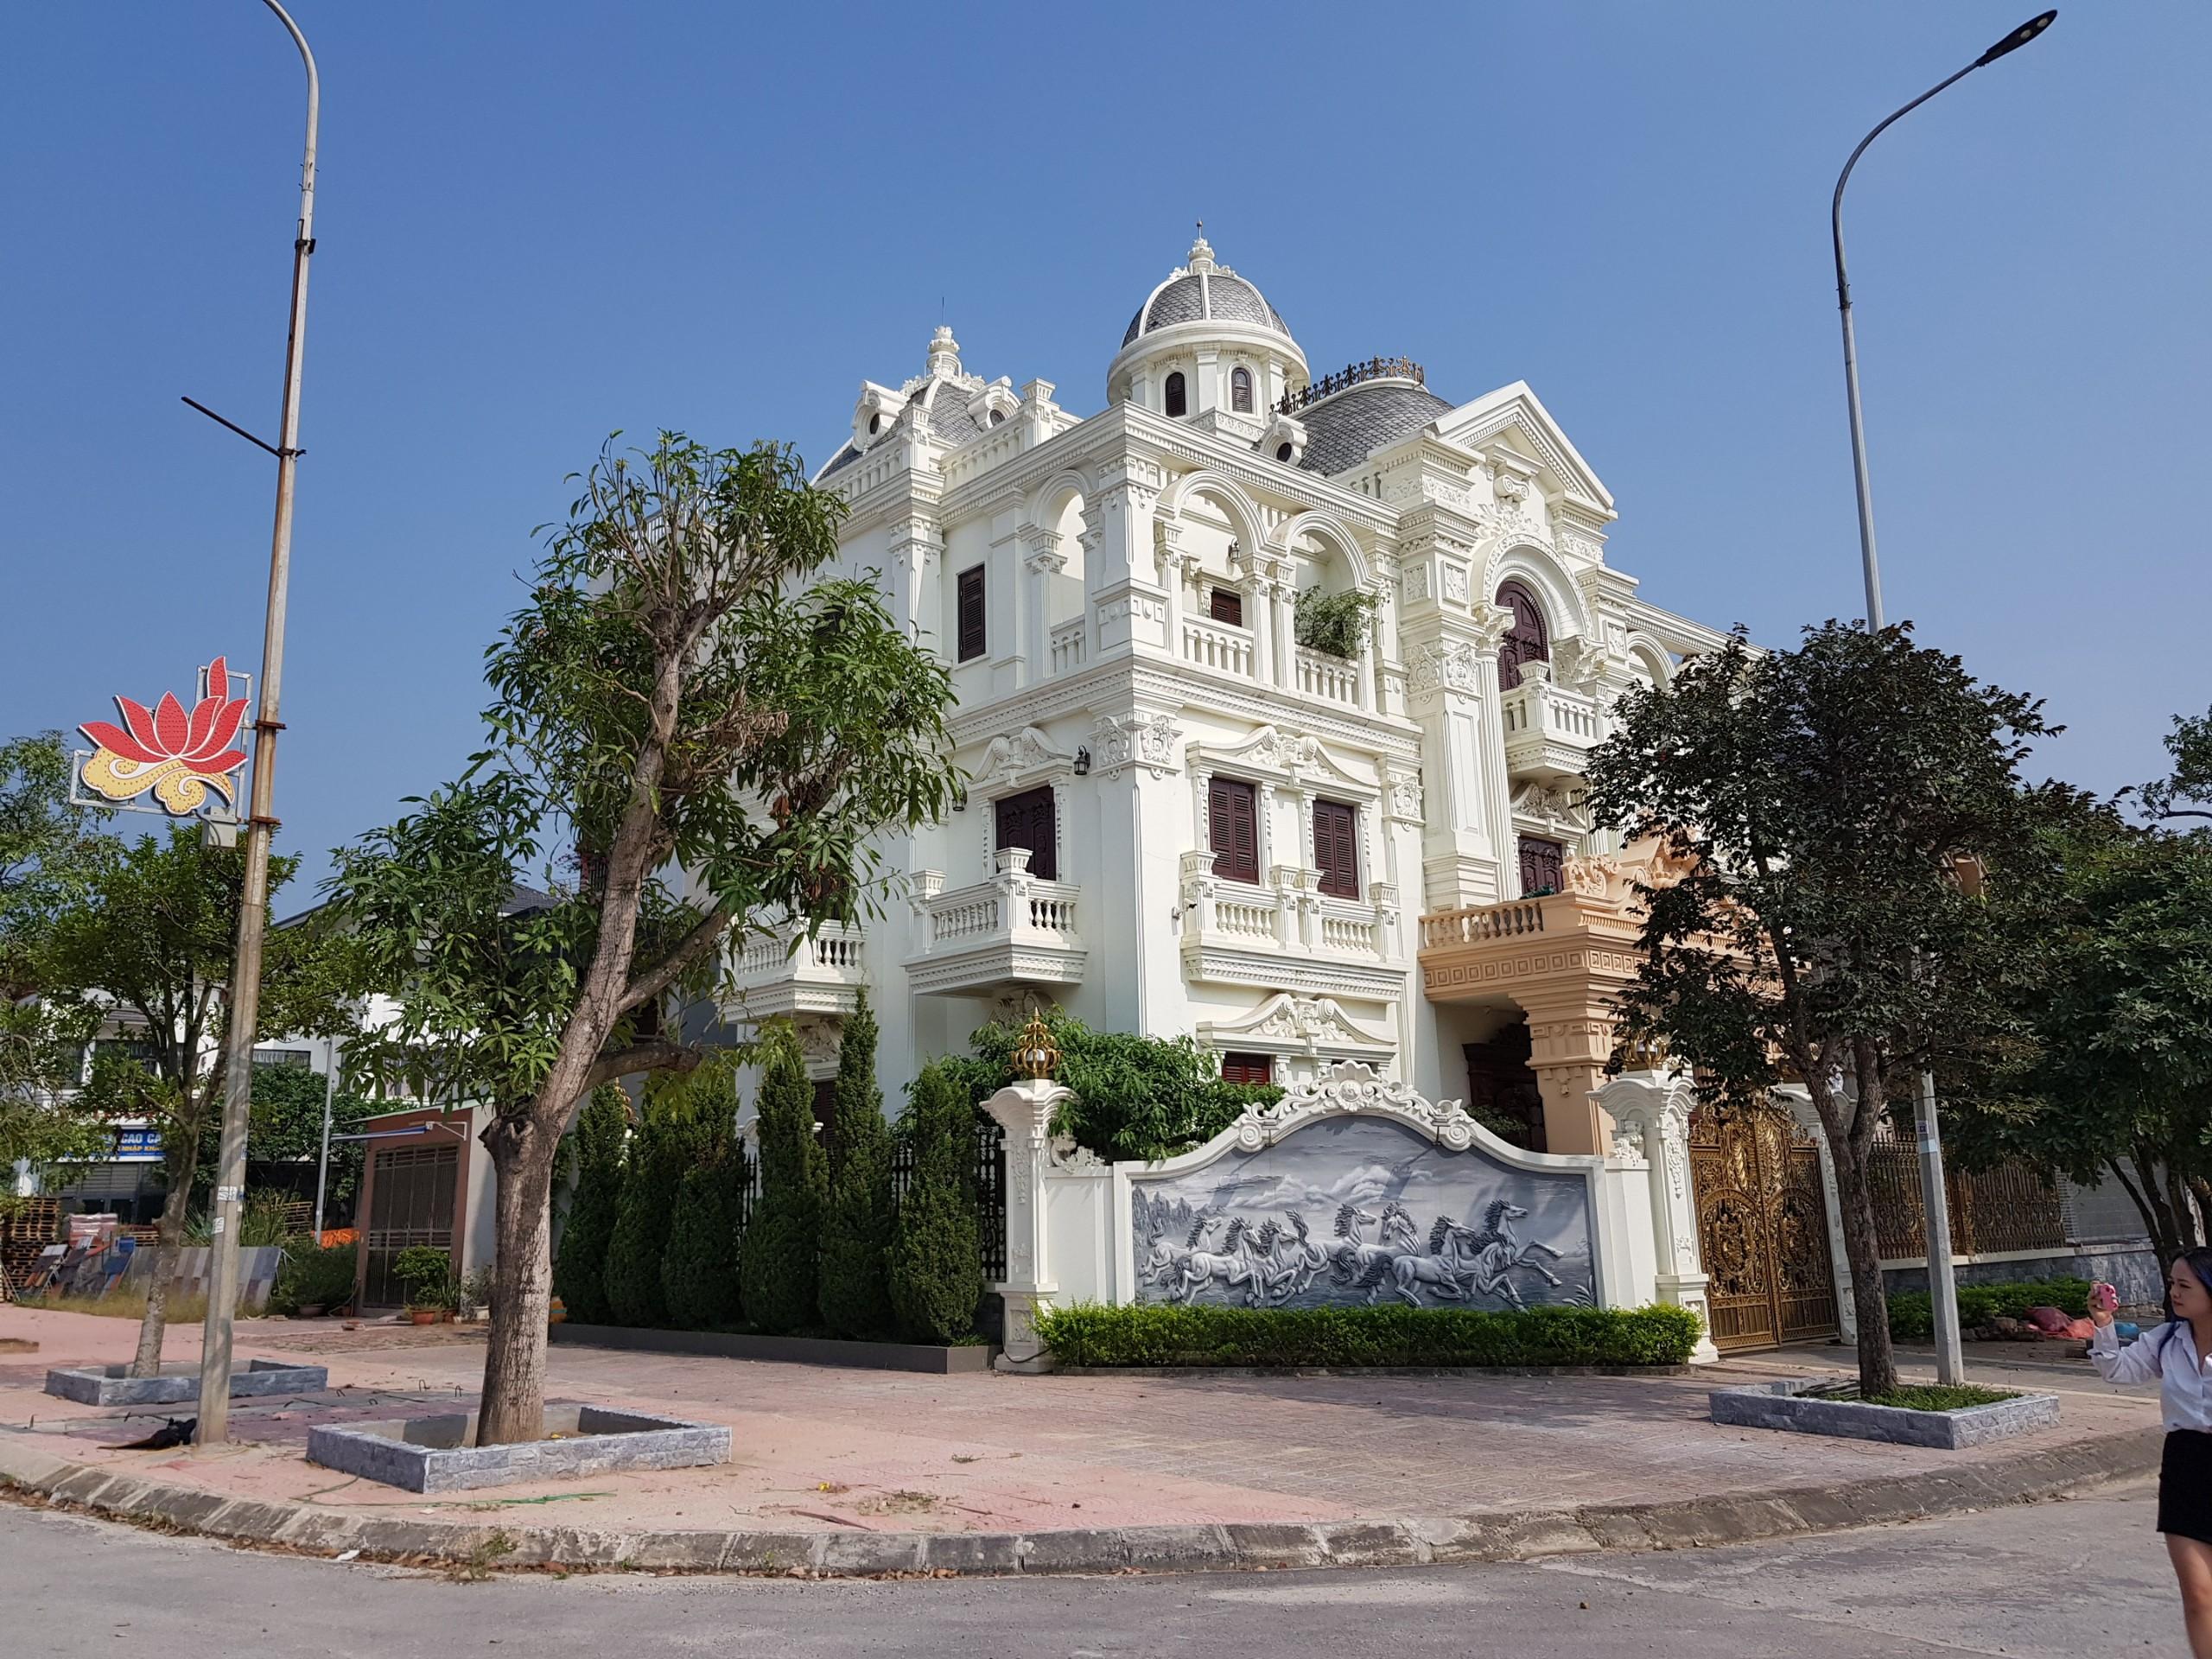 Biệt thự đã hoàn thiện tại Dự án Palm City Chí Linh Hải Dương